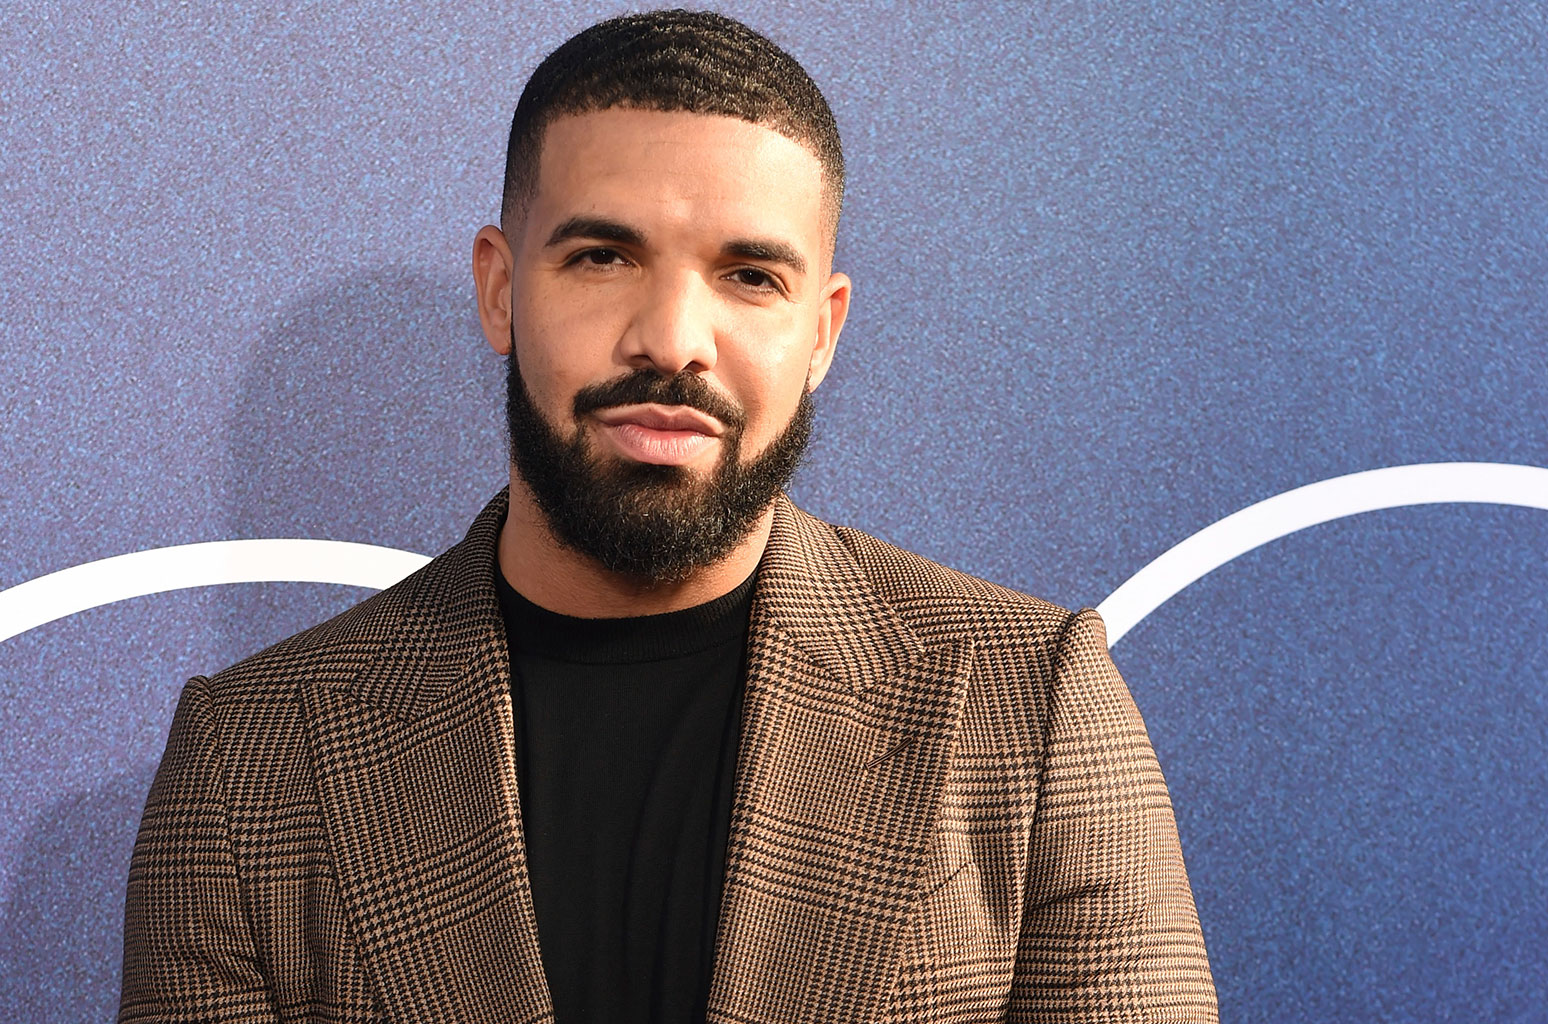 Drake(ドレイク)のプロフィール・バイオグラフィーまとめ